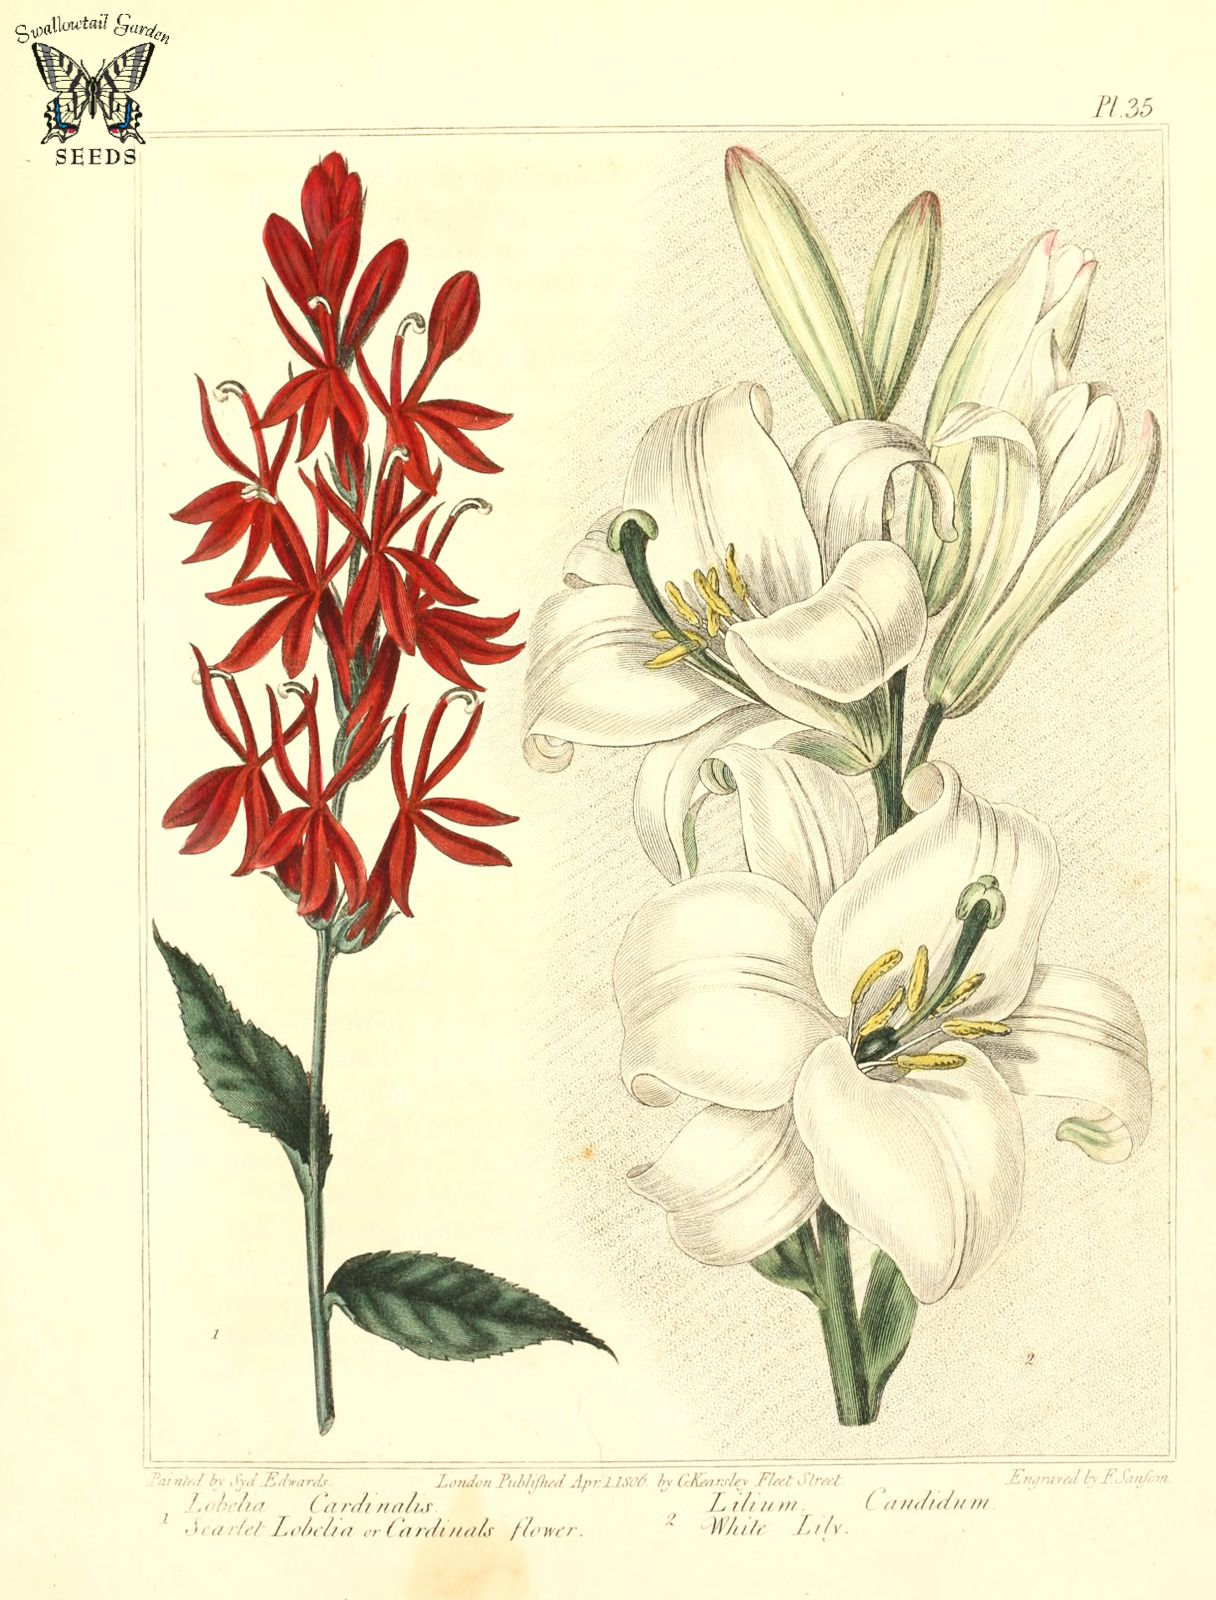 Scarlet Lobelia Cardinal Flower Lobelia Cardinalis And White Lily